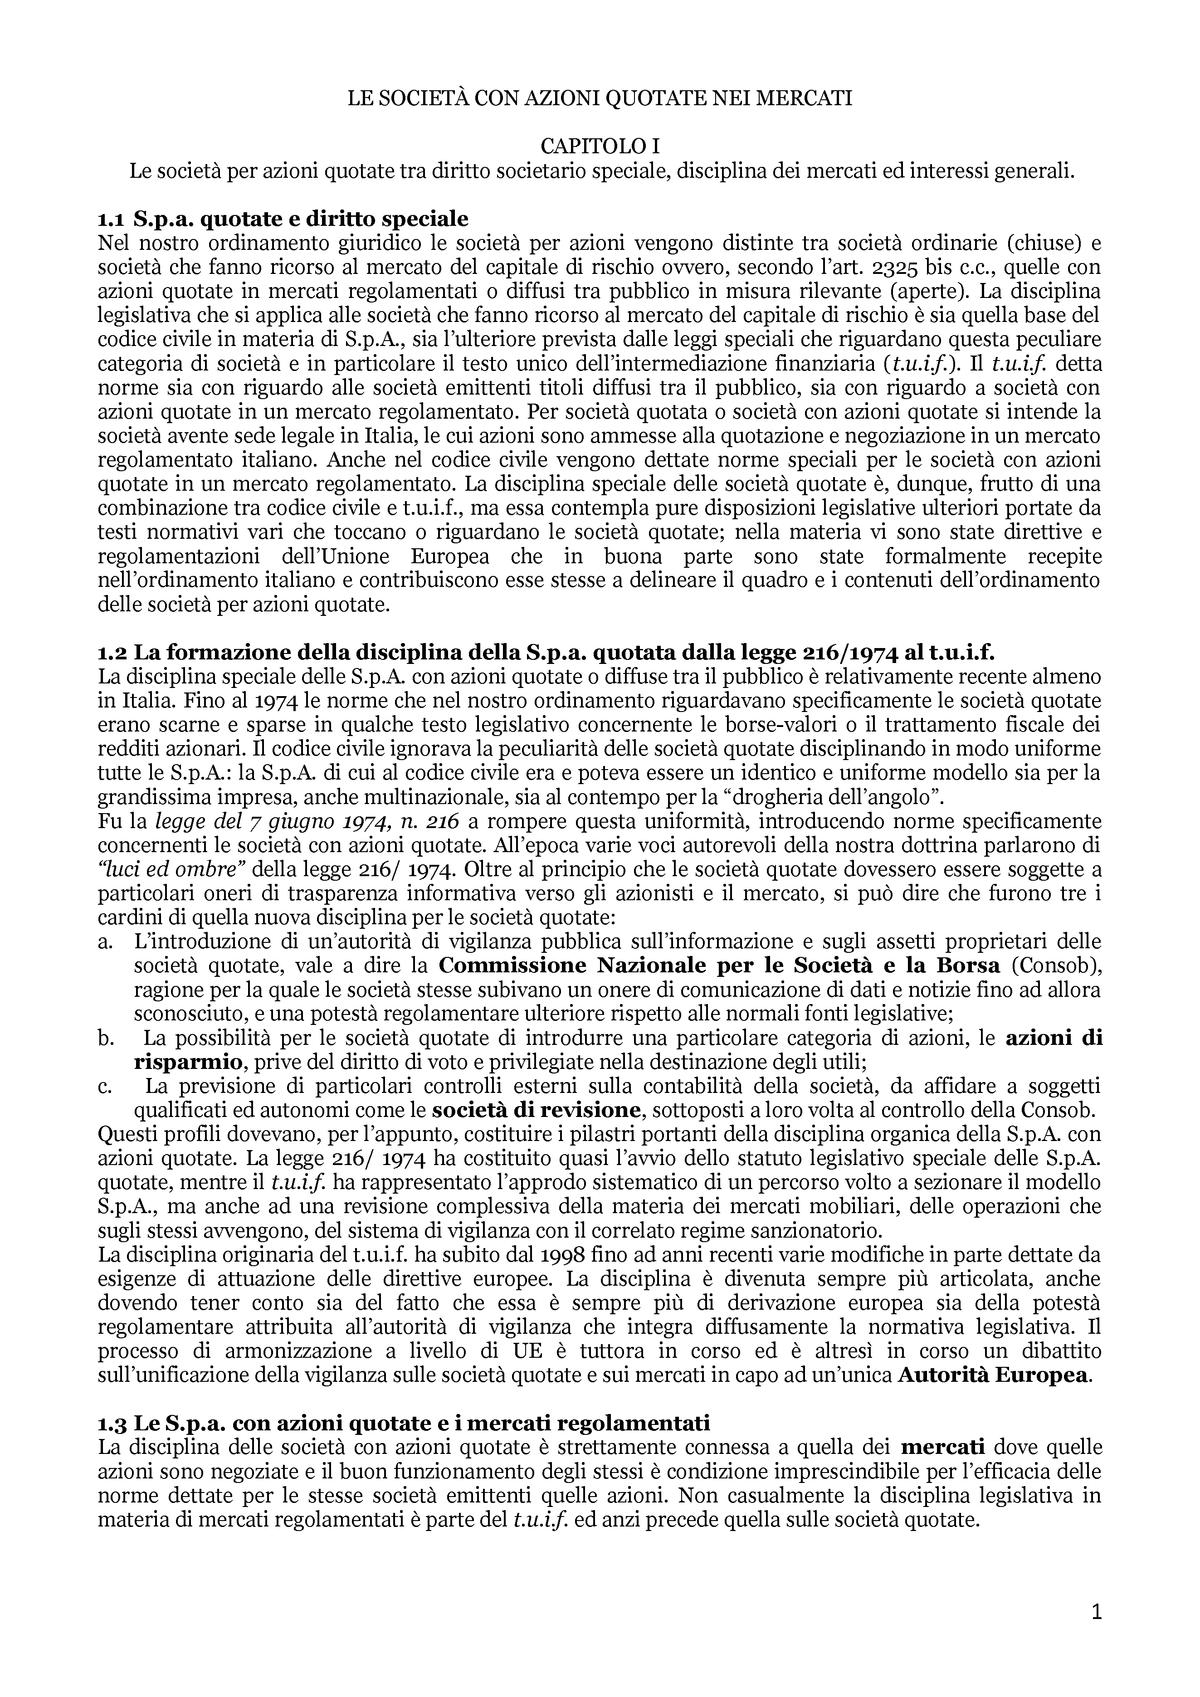 d2b5b7c25b Riassunto Le società con azioni quotate nei mercati 22 Mar 2019 - StuDocu